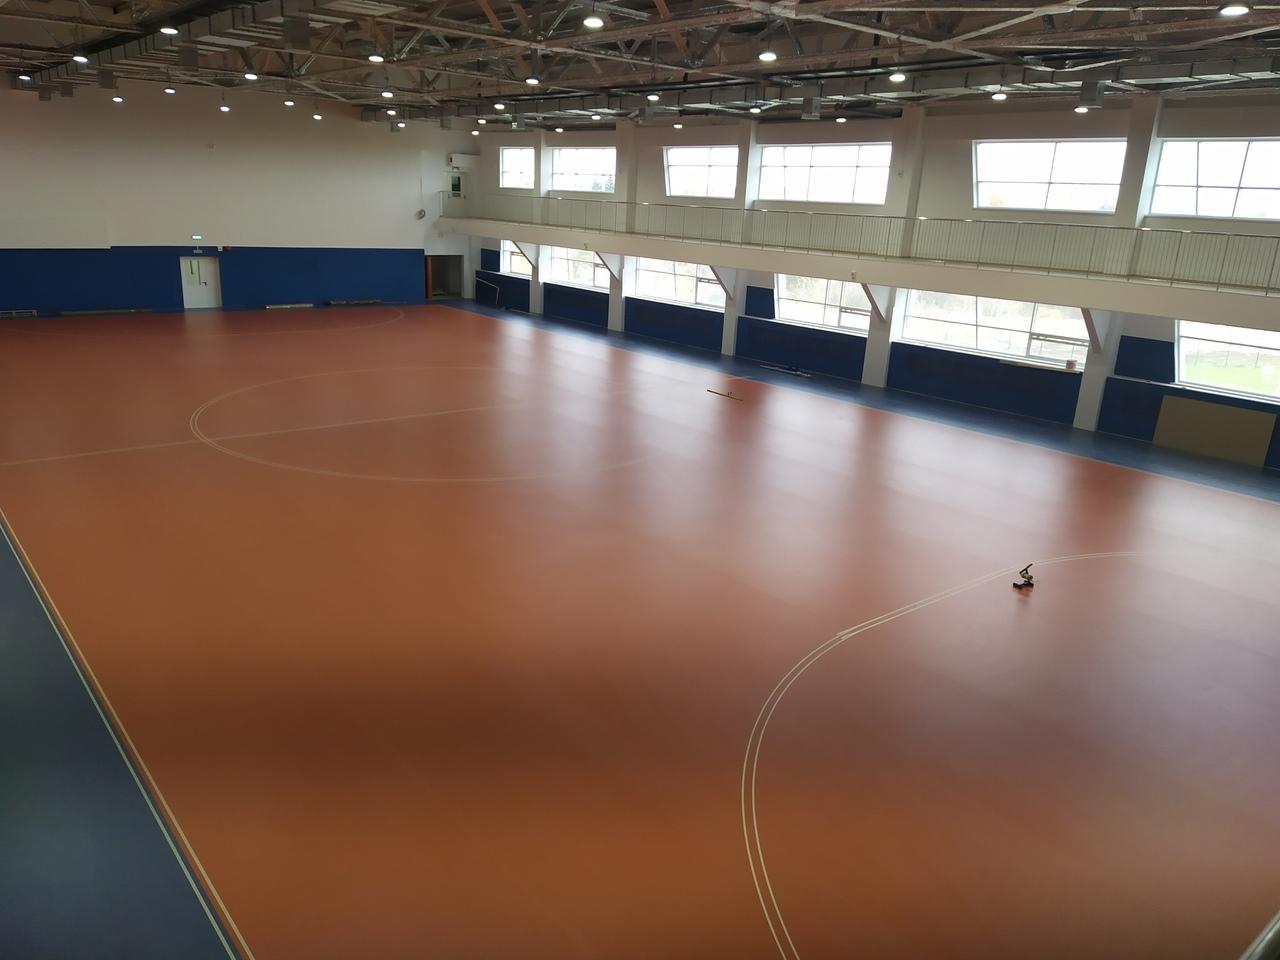 Срок открытия школы в Мичуринске снова сдвигается на неопределенный срок